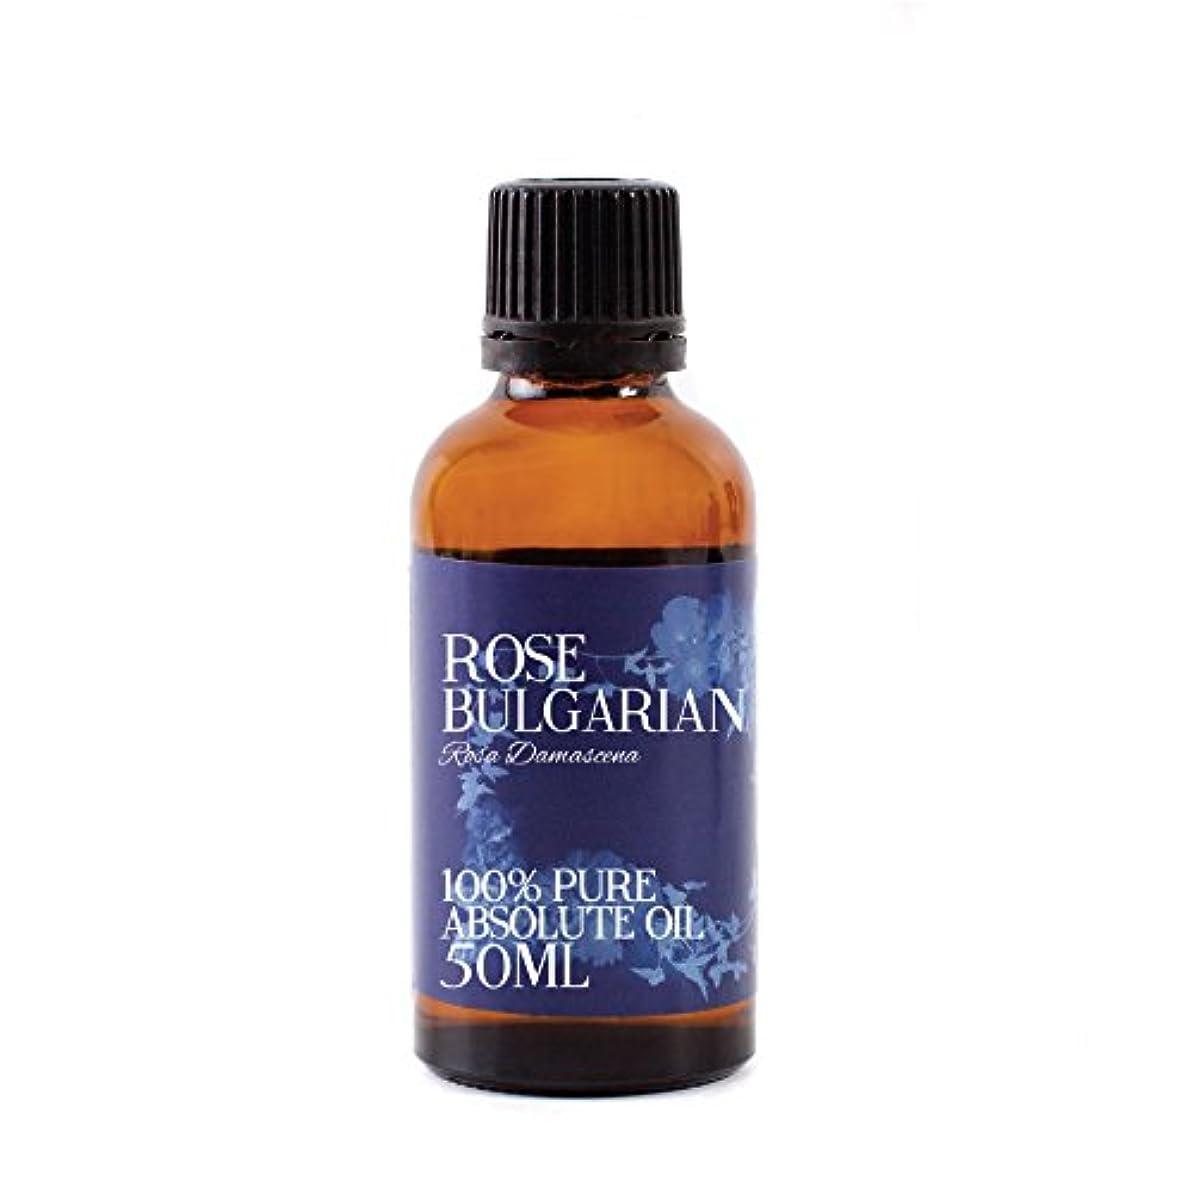 害スナップ叫び声Rose Bulgarian Absolute Oil 50ml - 100% Pure